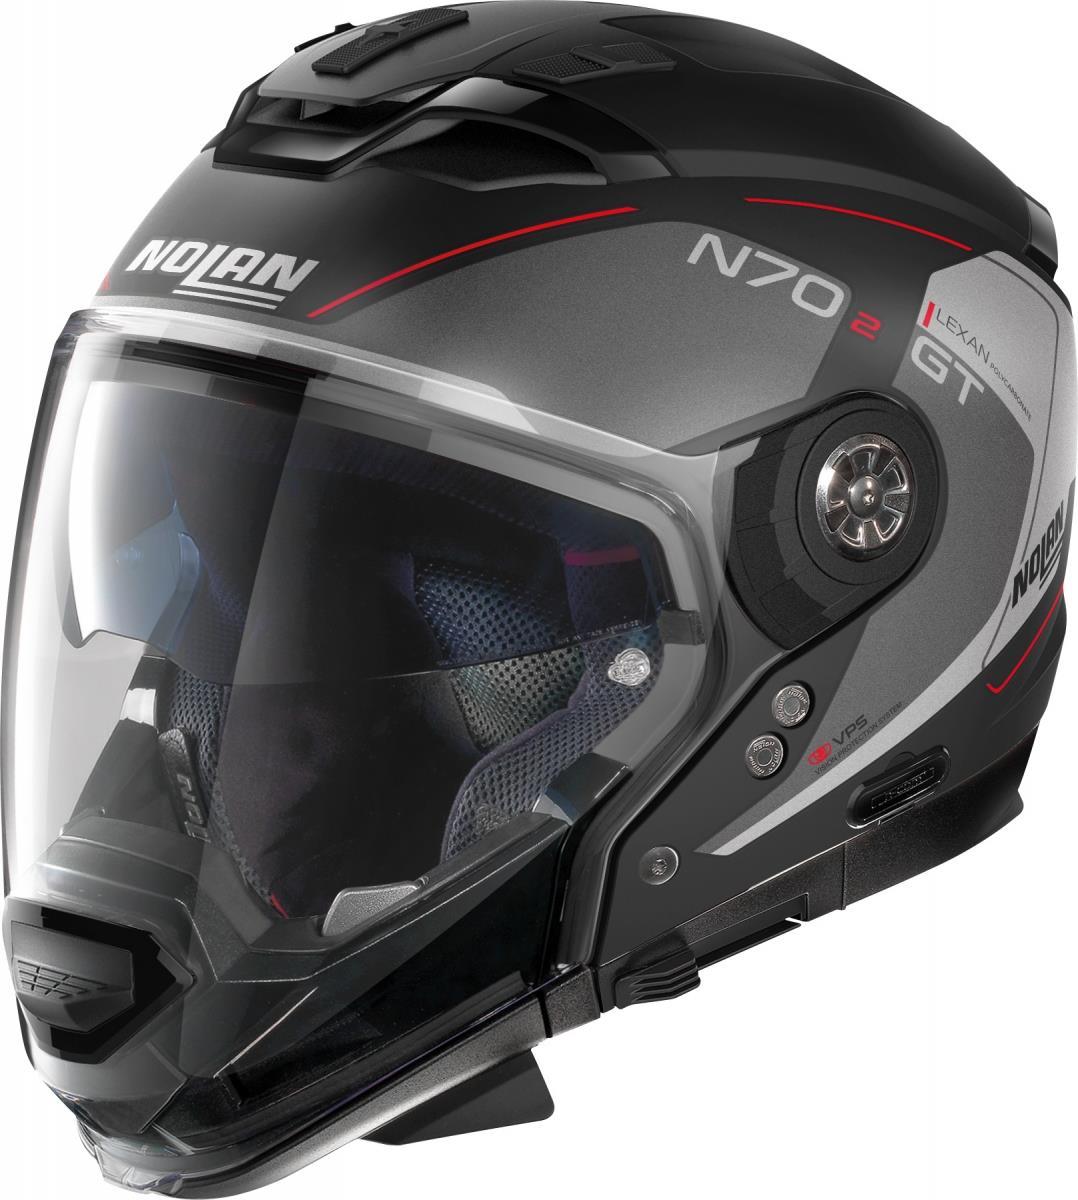 Nolan N70-2 GT Lakota jethelm